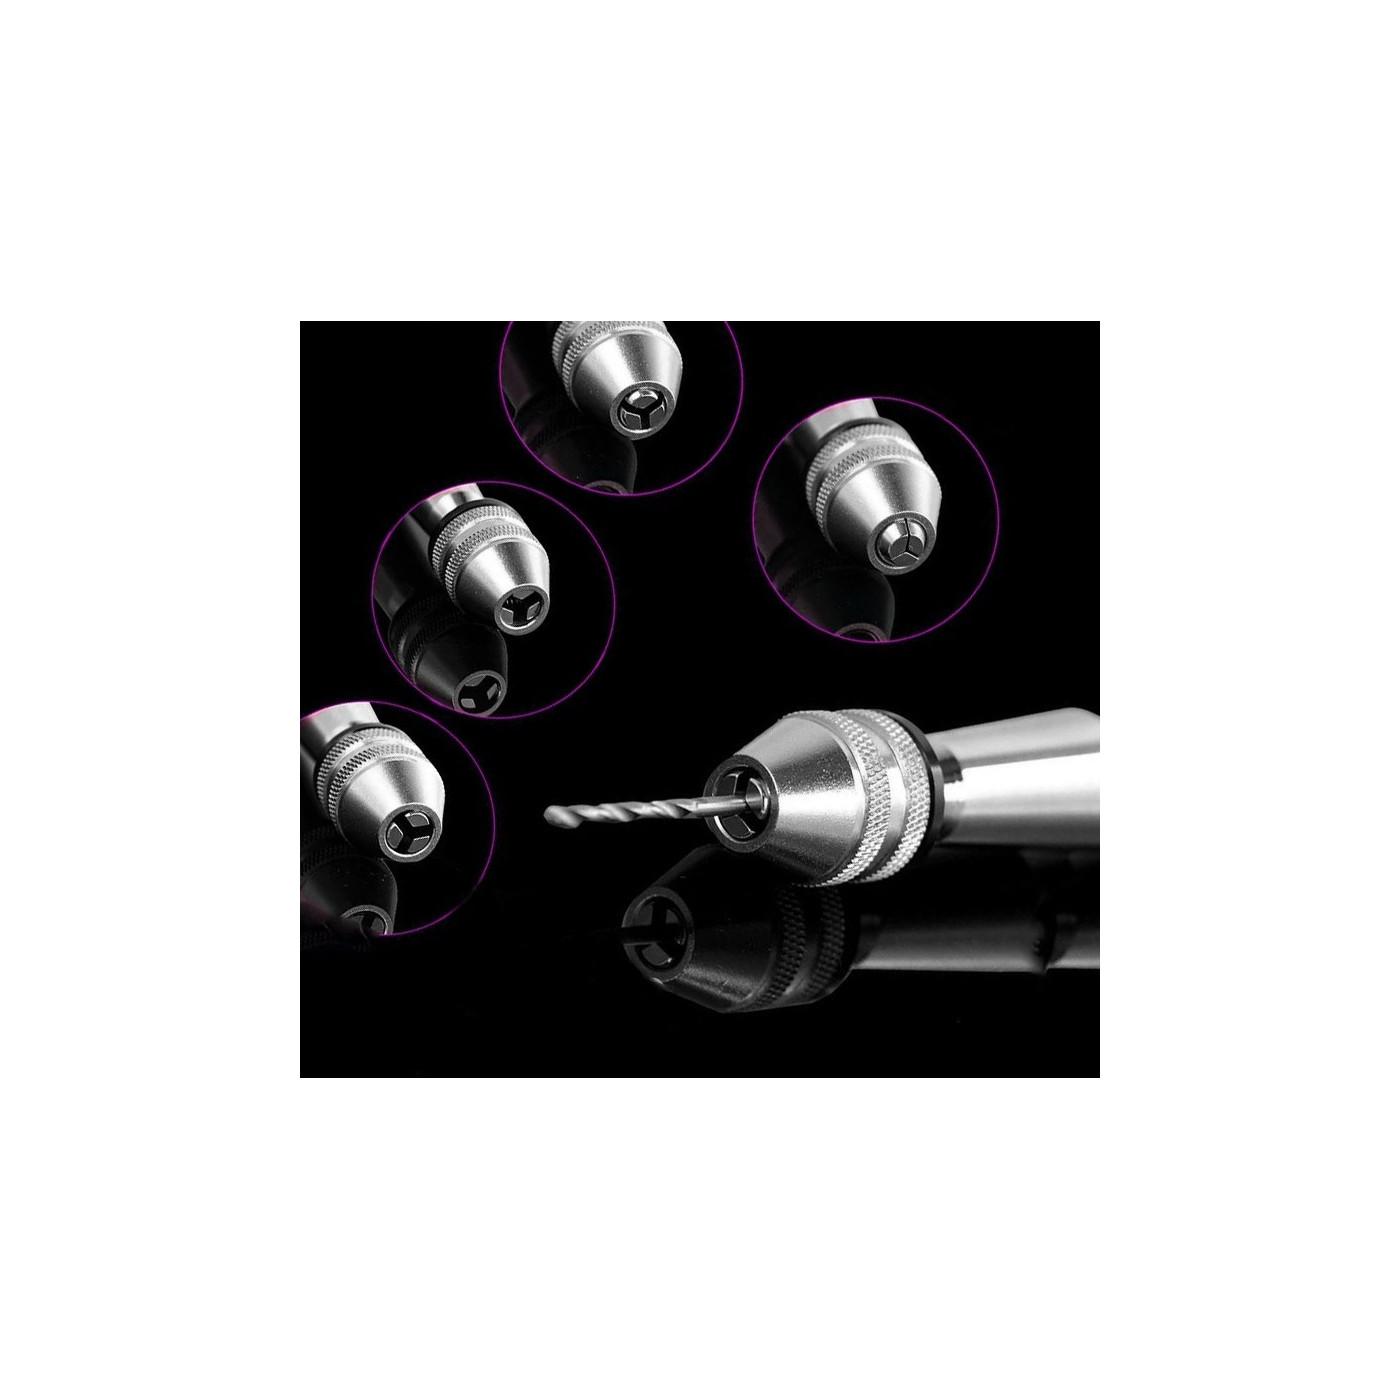 Solidna wiertarka ręczna, srebrna z 10 wiertłami (0,8-3,0 mm)